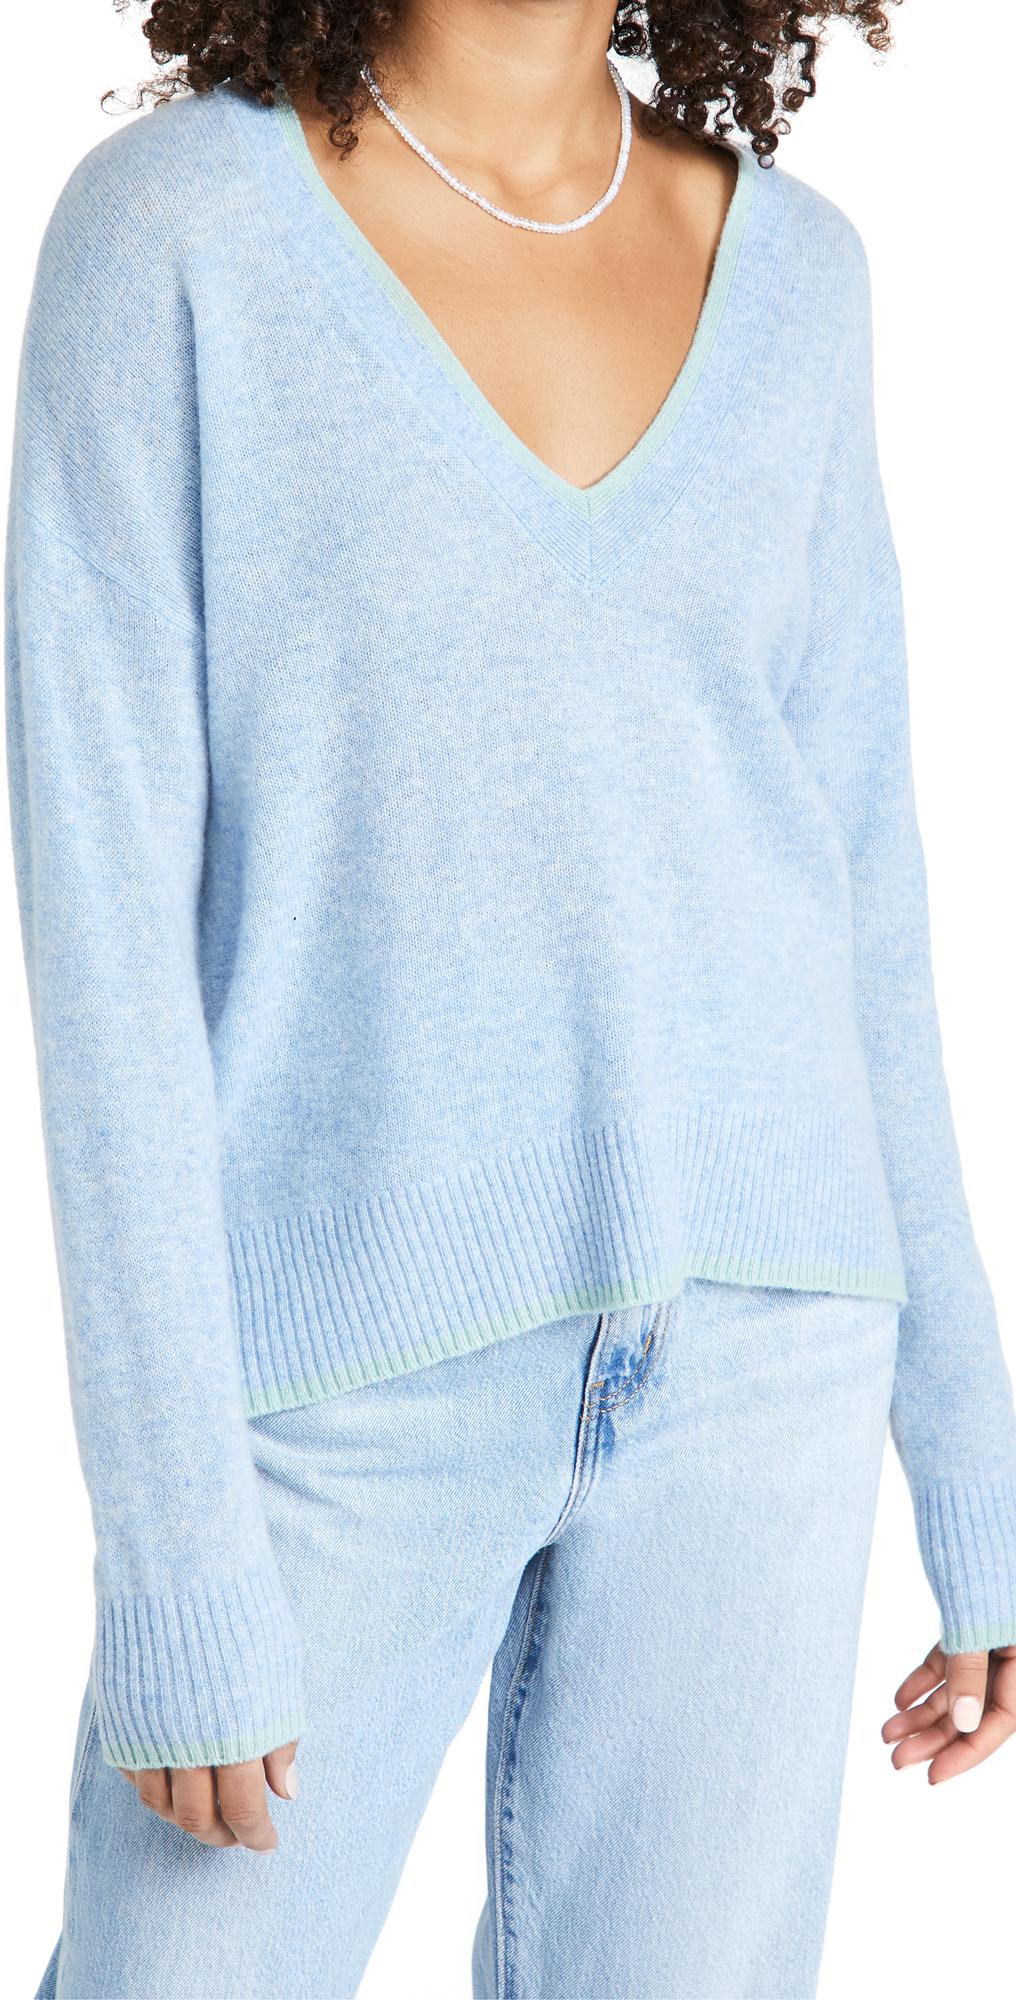 Veronica Beard Estora Cashmere Sweater